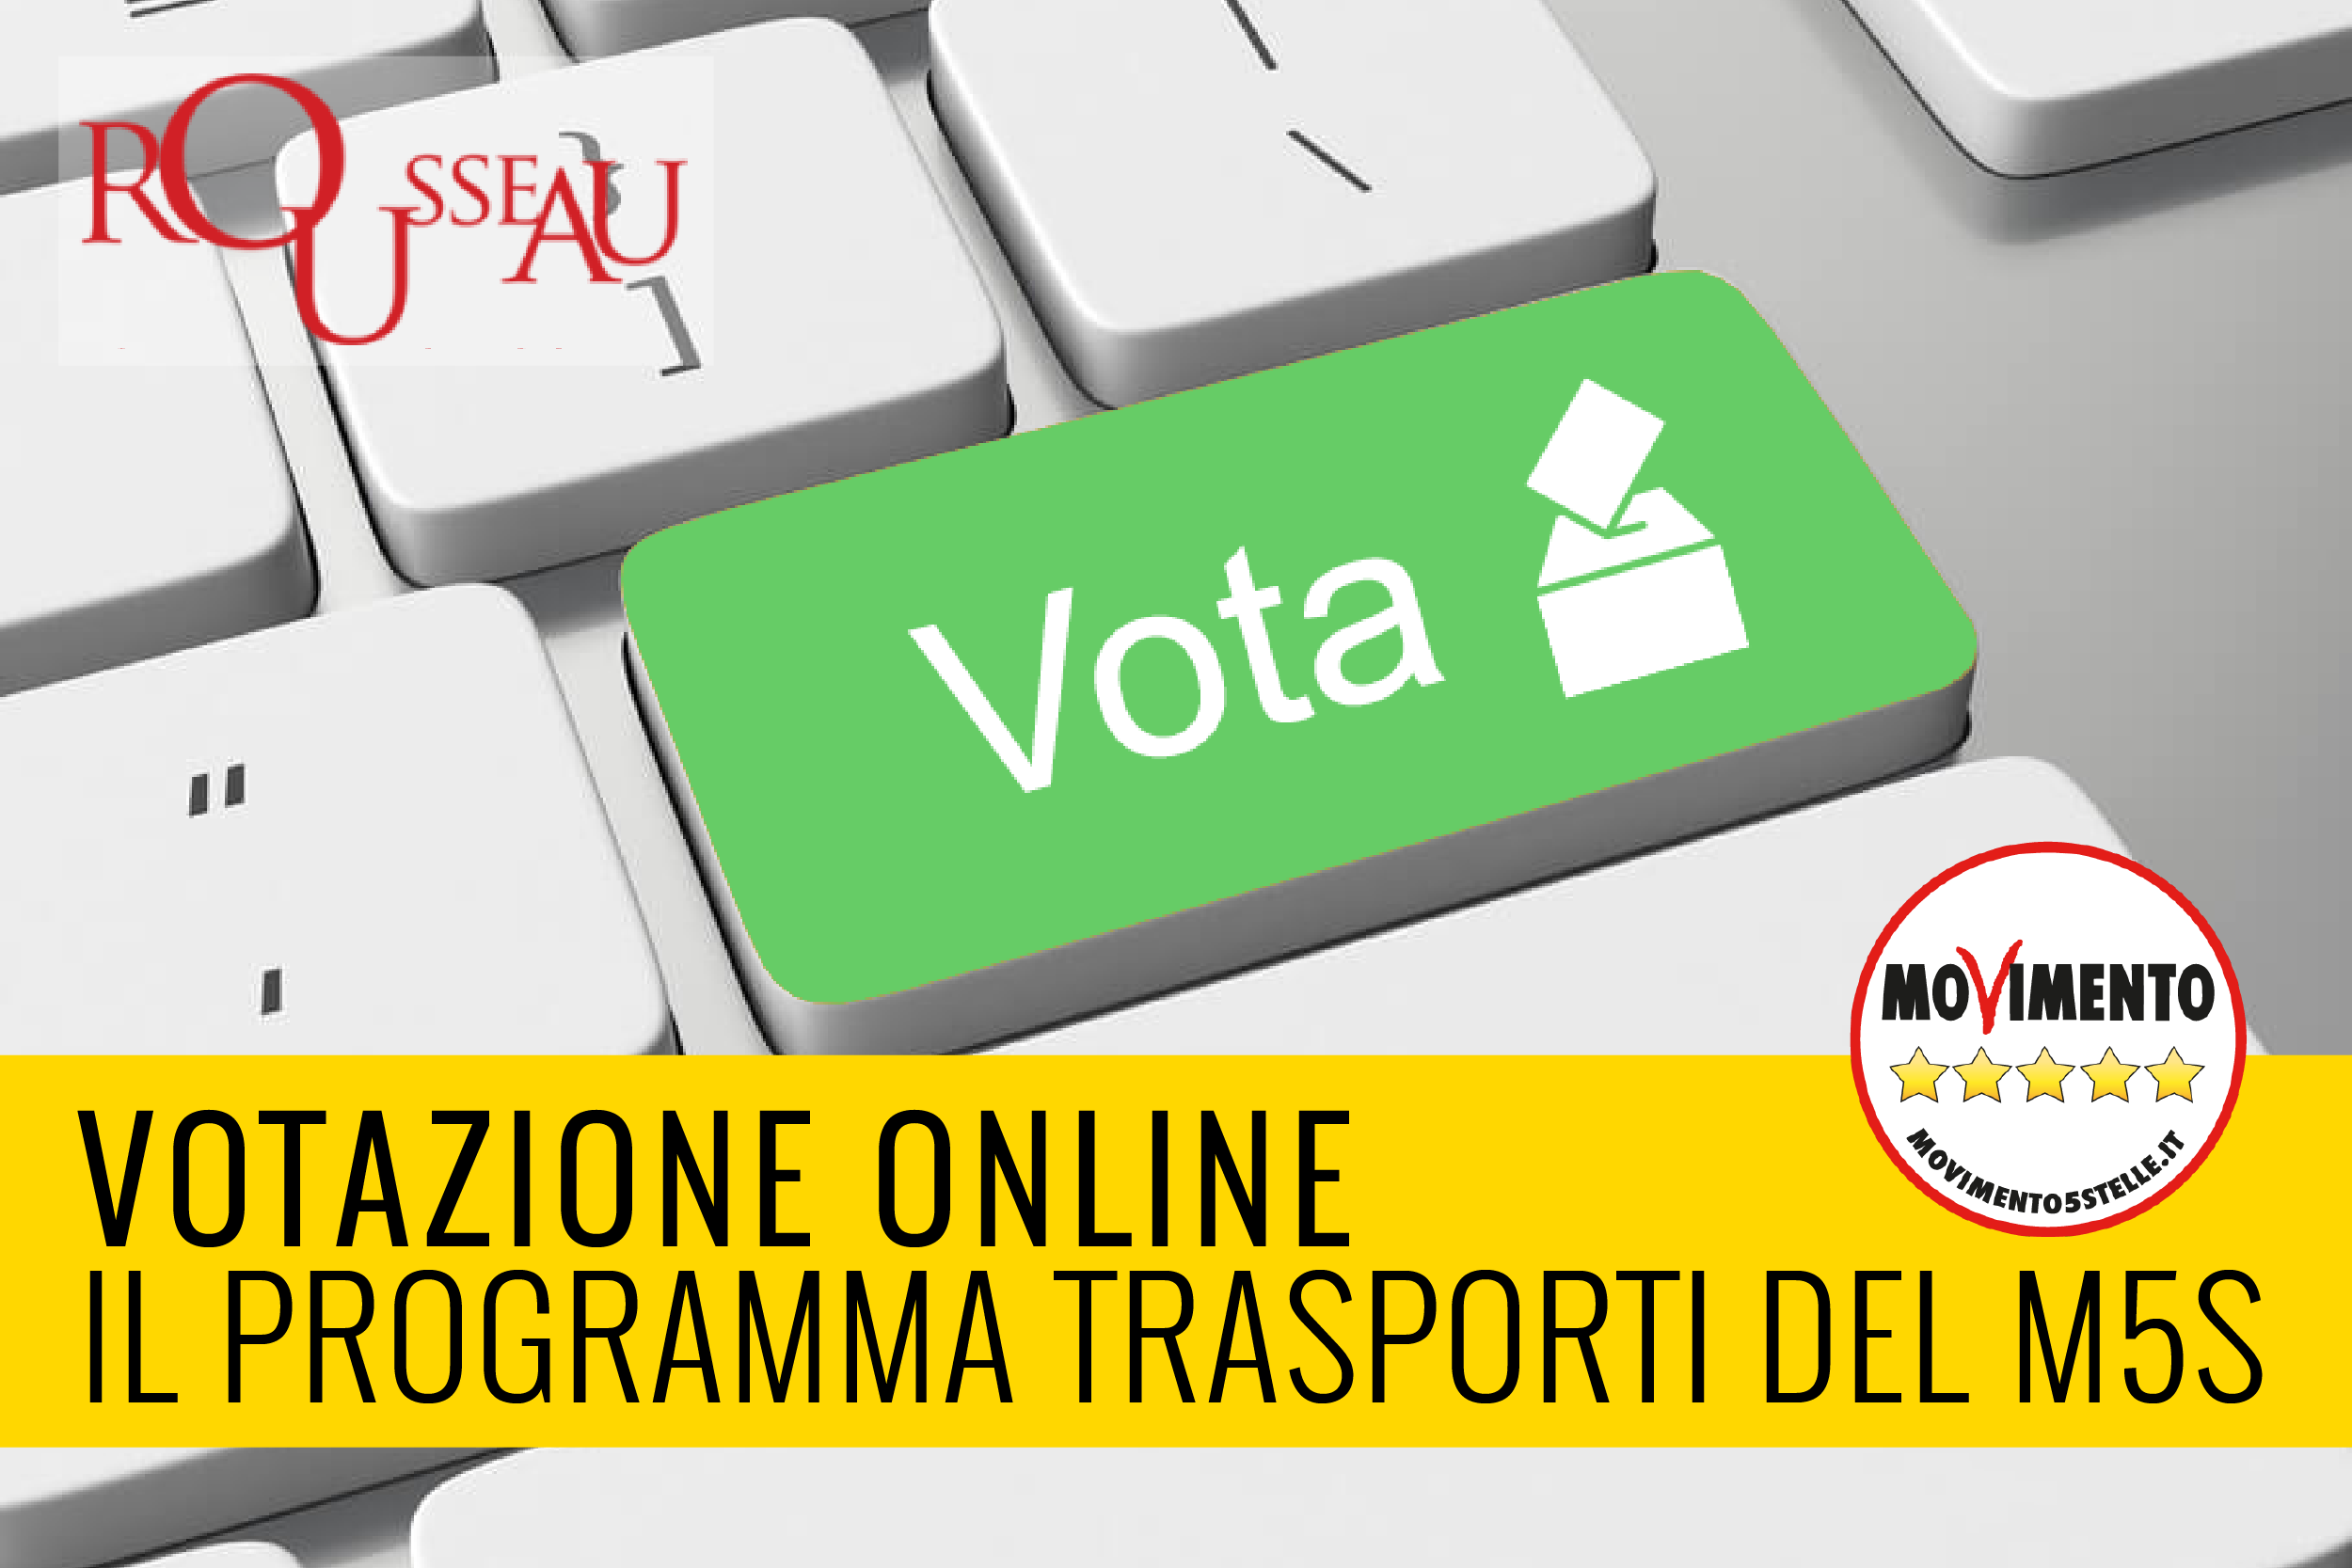 votazione-programma-trasporti-m5s